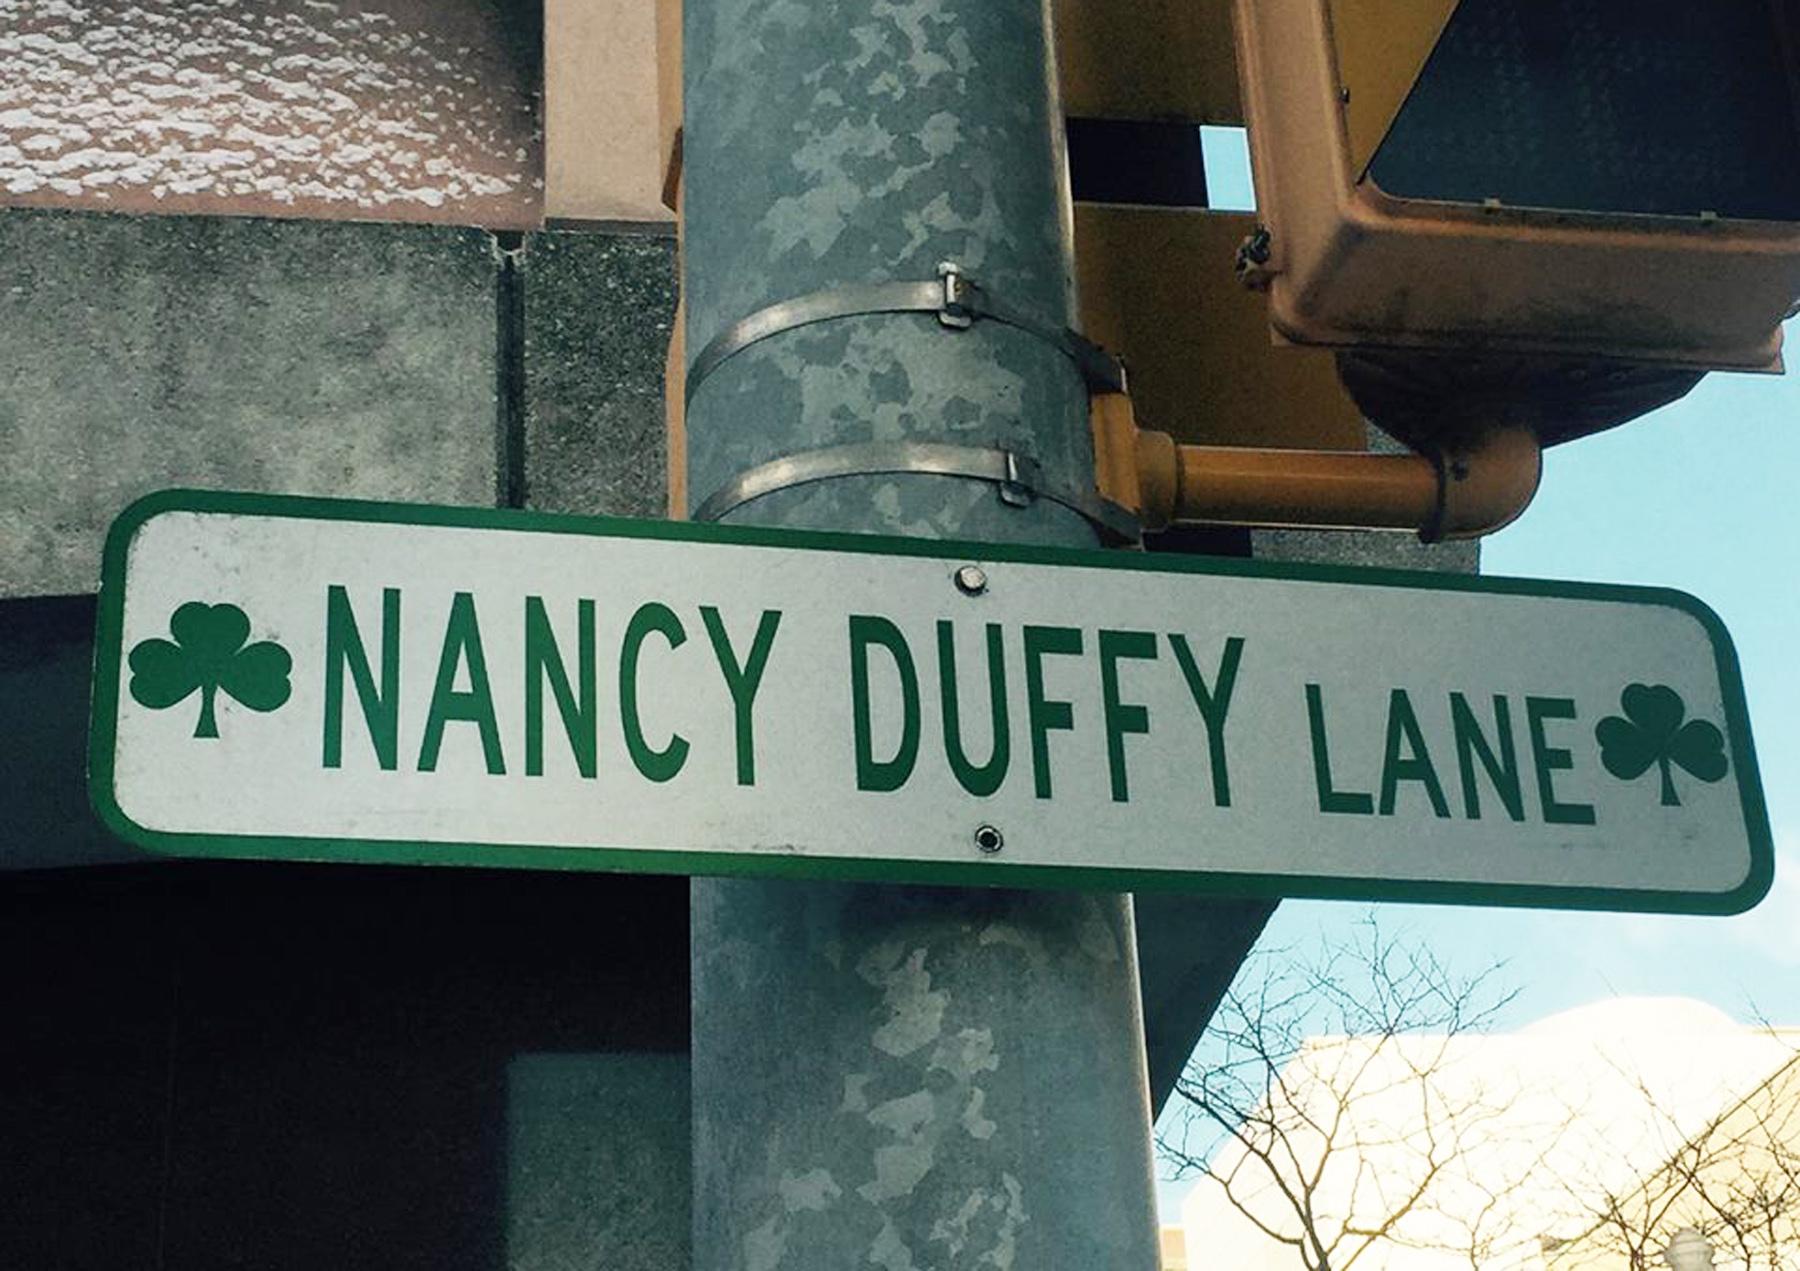 nancyduffylane